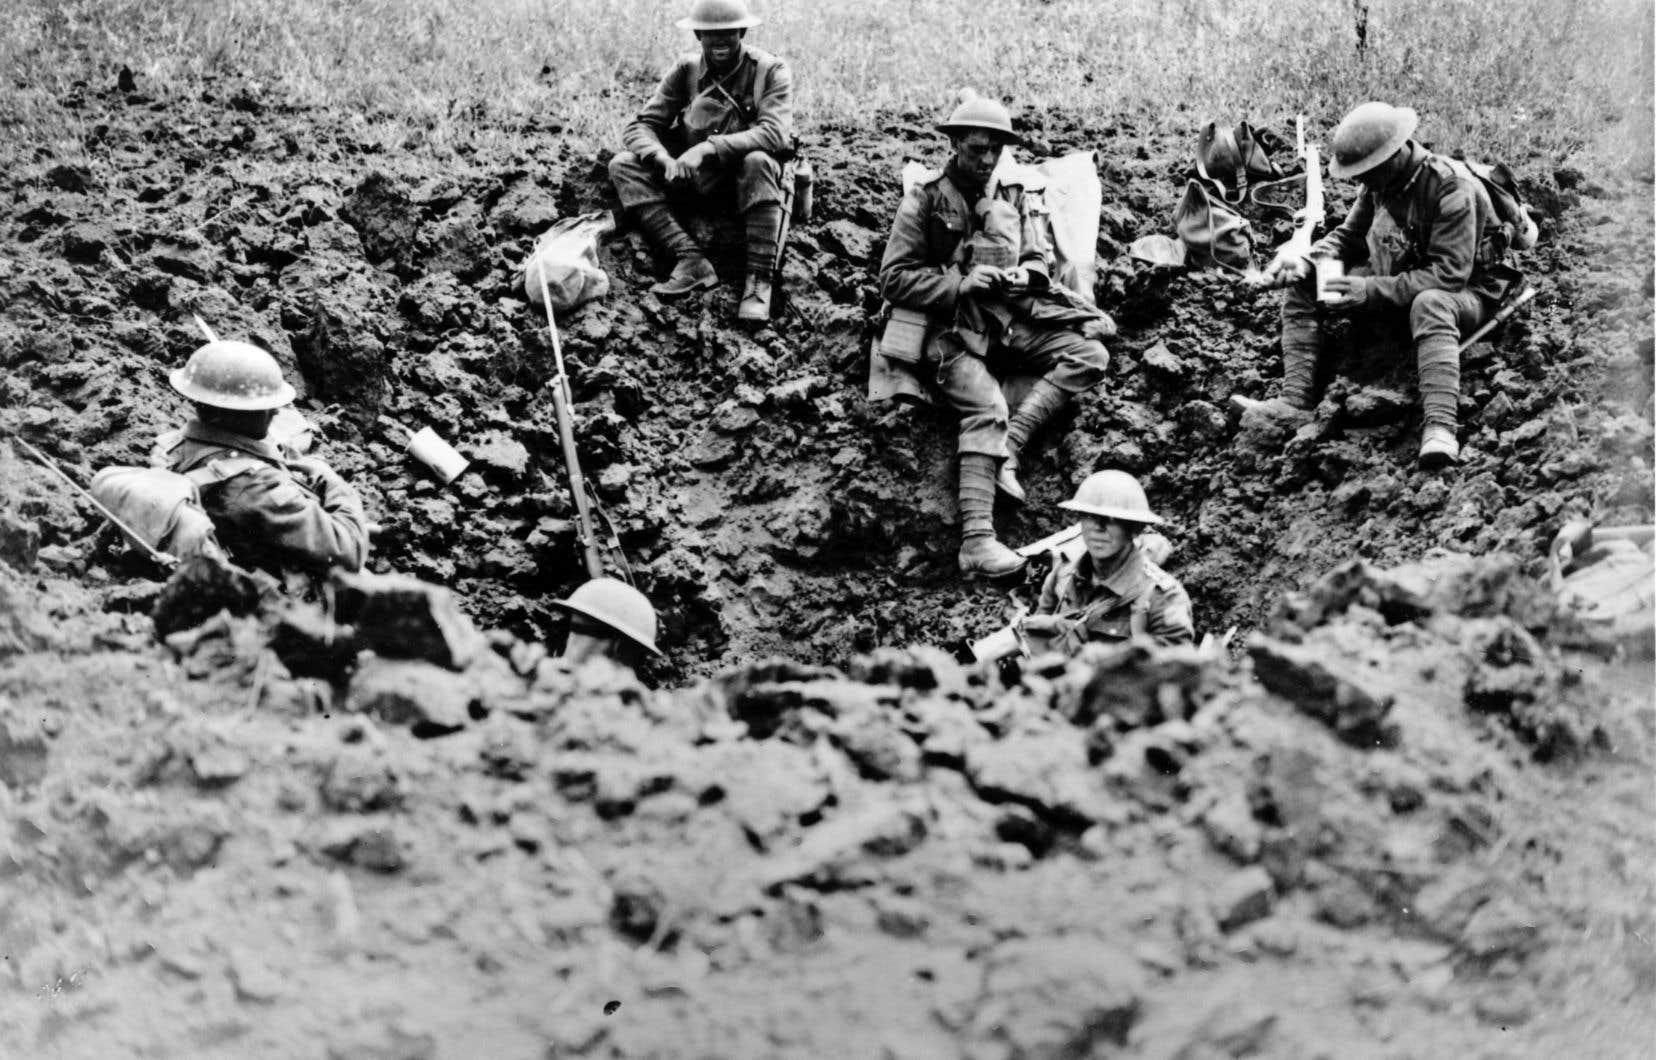 Des militaires canadiens se reposent dans des trous d'obus en marge de la bataille d'Amiens, en août 1918.